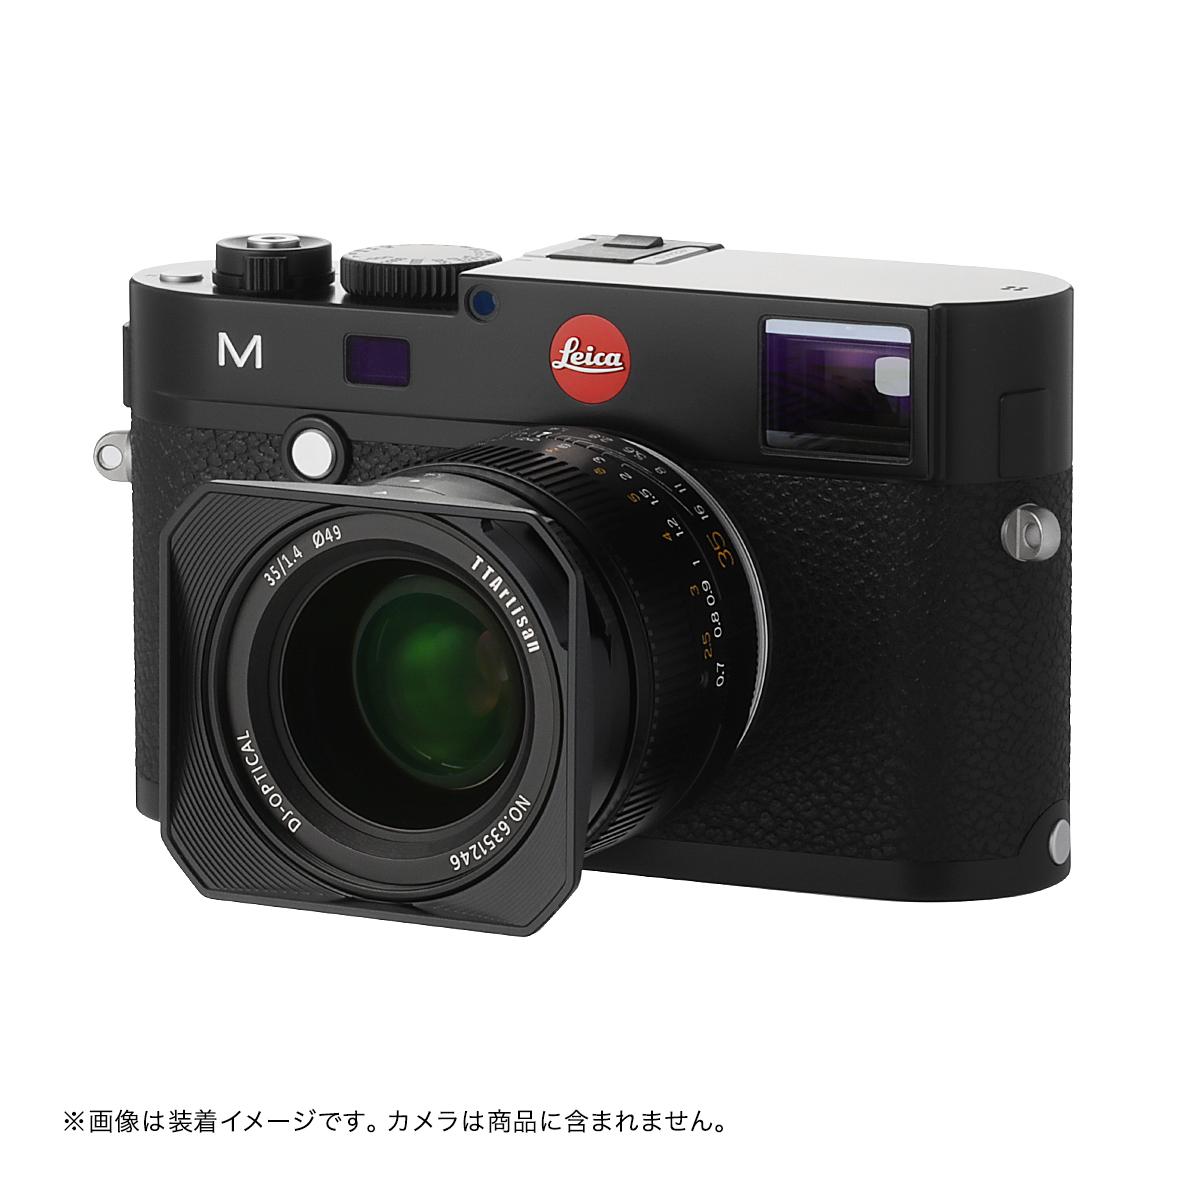 銘匠光学 TTArtisan 35mm f/1.4 ASPH ライカM / ブラック